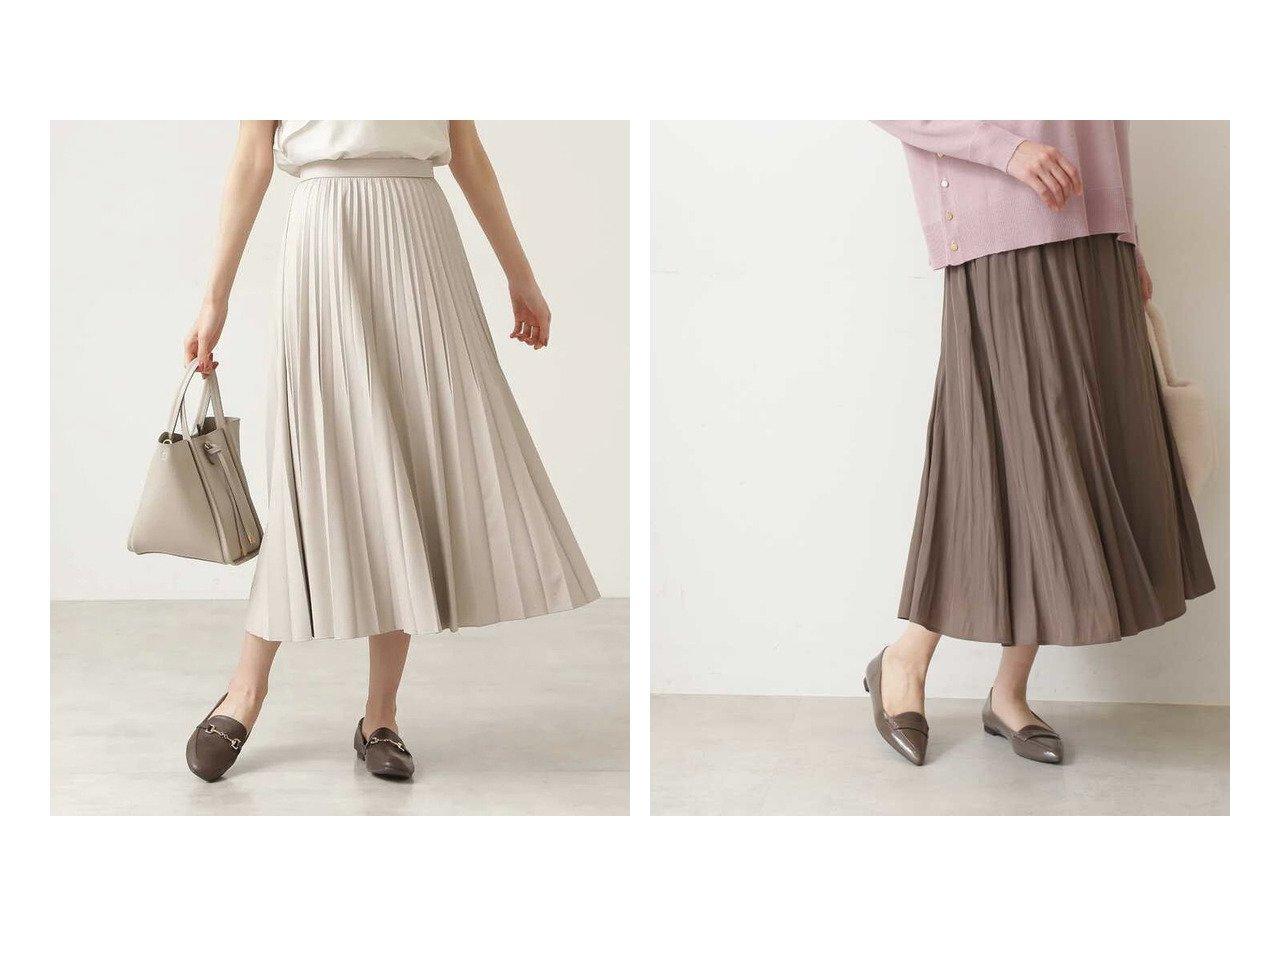 【NATURAL BEAUTY BASIC/ナチュラル ビューティー ベーシック】のフェイクレザープリーツスカート&割繊デシンゴアードスカート 【スカート】おすすめ!人気、トレンド・レディースファッションの通販 おすすめで人気の流行・トレンド、ファッションの通販商品 インテリア・家具・メンズファッション・キッズファッション・レディースファッション・服の通販 founy(ファニー) https://founy.com/ ファッション Fashion レディースファッション WOMEN スカート Skirt プリーツスカート Pleated Skirts A/W・秋冬 AW・Autumn/Winter・FW・Fall-Winter フェイクレザー プリーツ リラックス 定番 Standard  ID:crp329100000065218